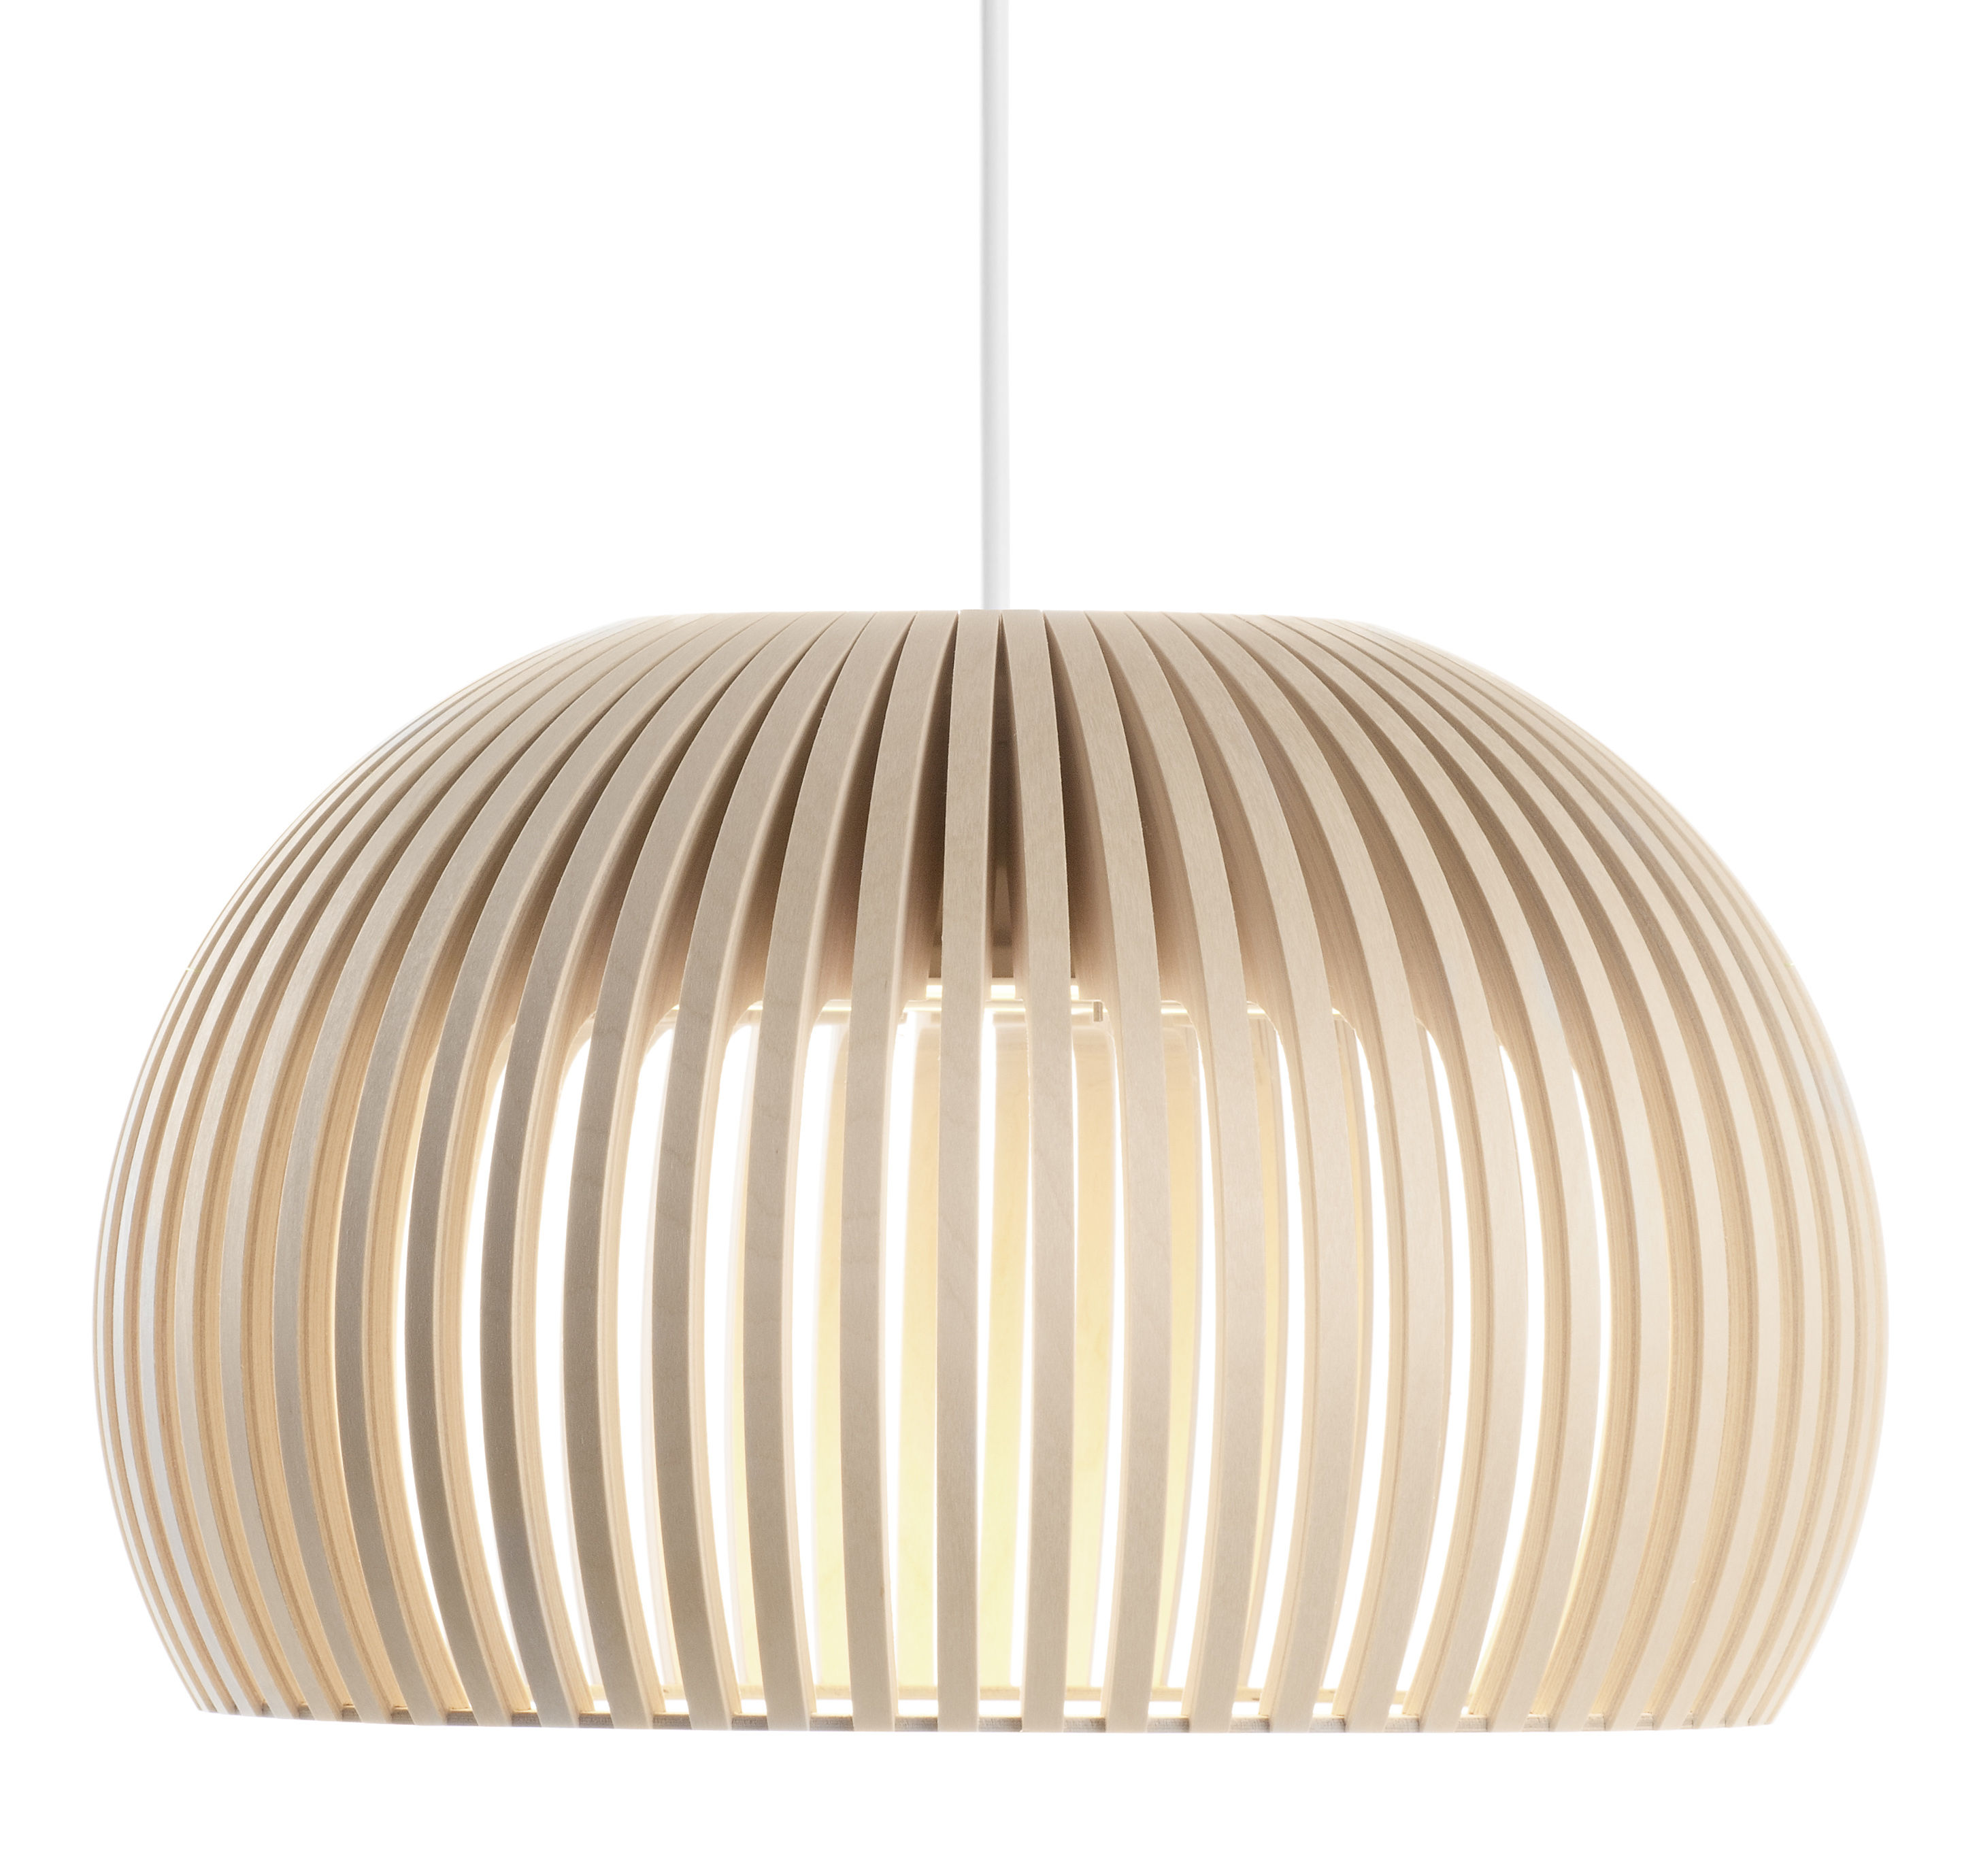 Illuminazione - Lampadari - Sospensione Atto - LED /  Ø 34 cm di Secto Design - Betulla naturale / Cavo bianco - Lattes de bouleau, Tessuto